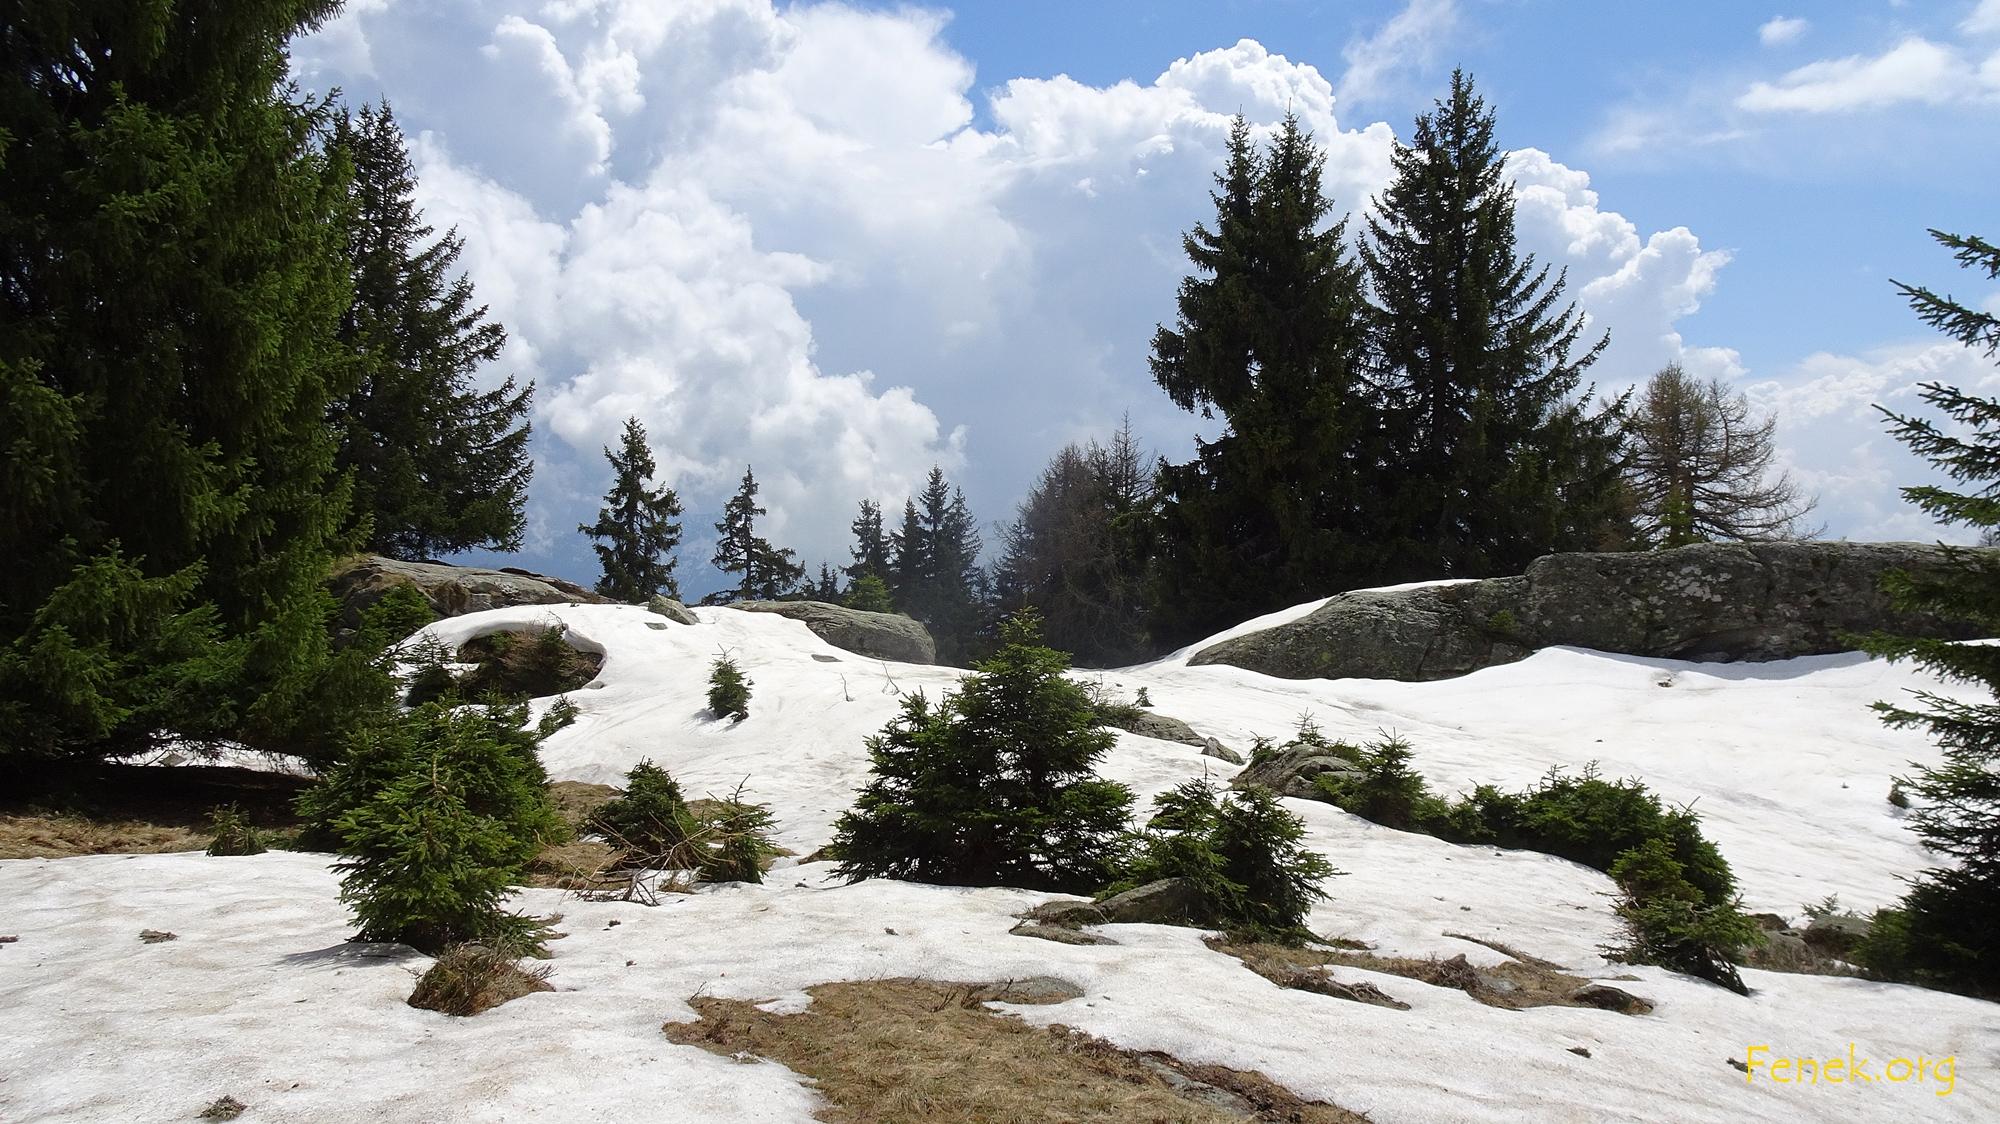 weiter geht's durch Schnee - hier der Gipfel Colmine 1'742m